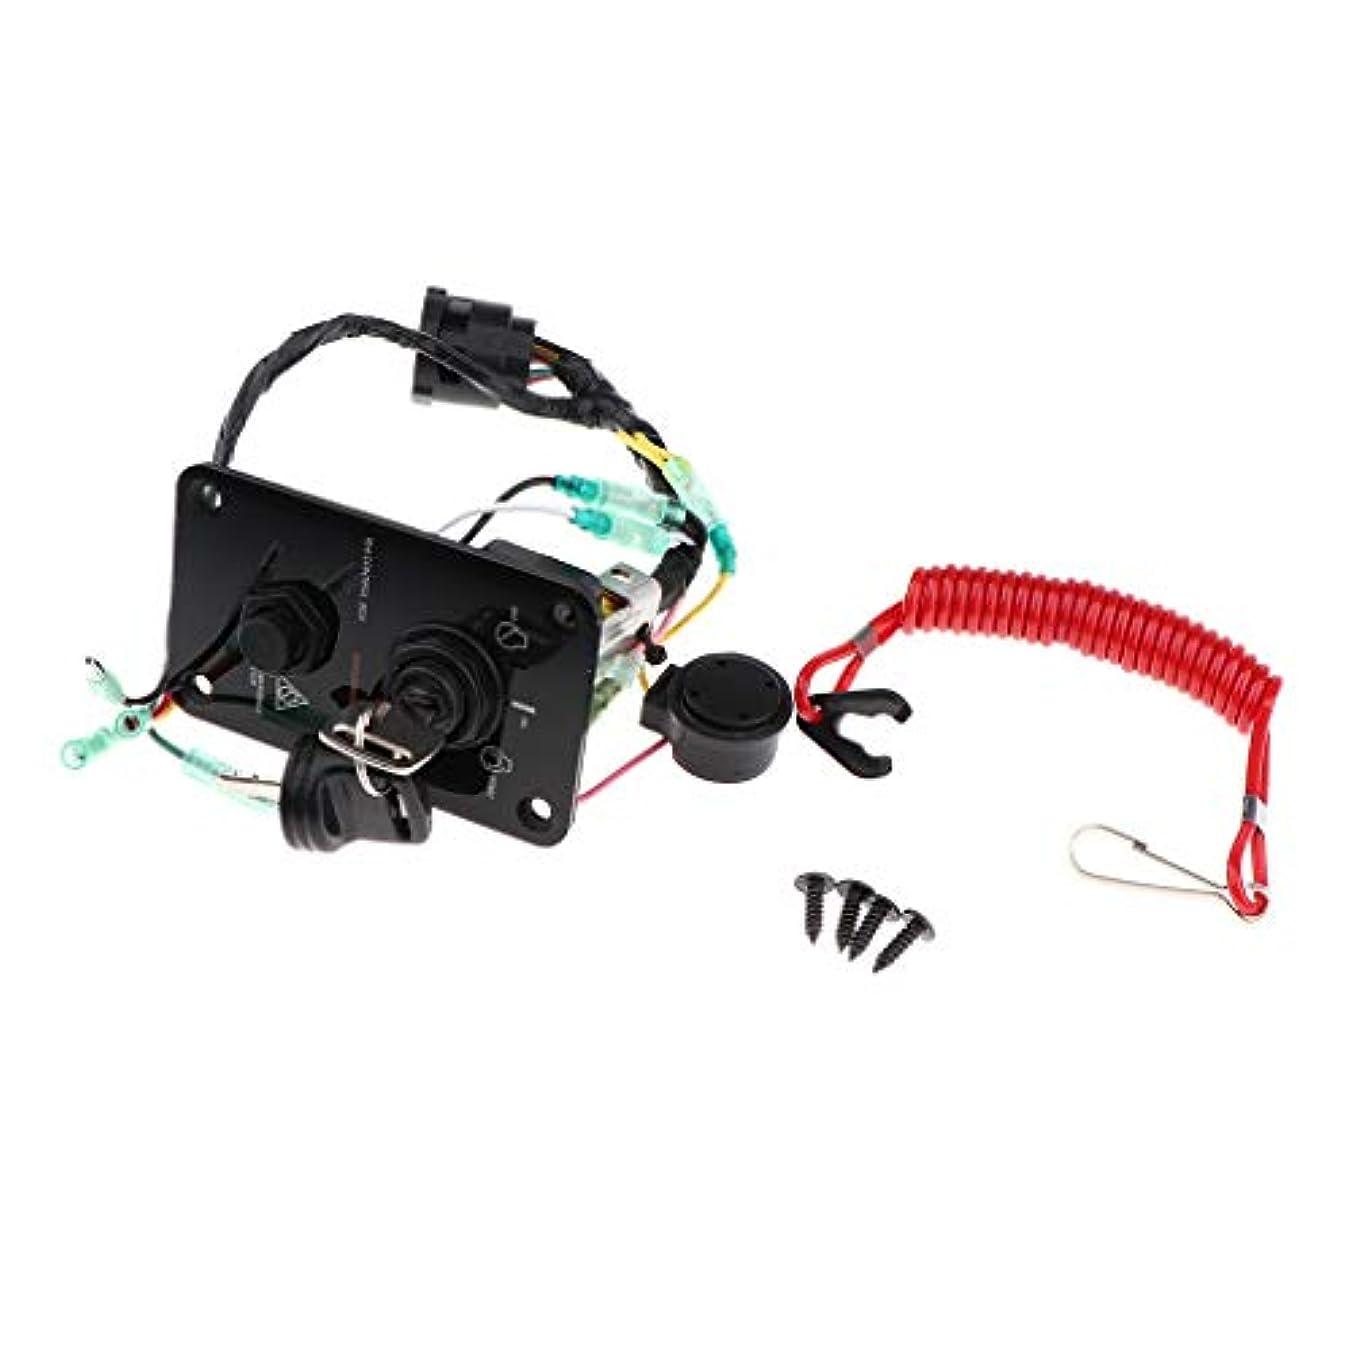 シャーク血色の良いブローホールH HILABEE スイッチパネル アウトボードシングル 垂直コントロール ヤマハ704-82570-12-00用